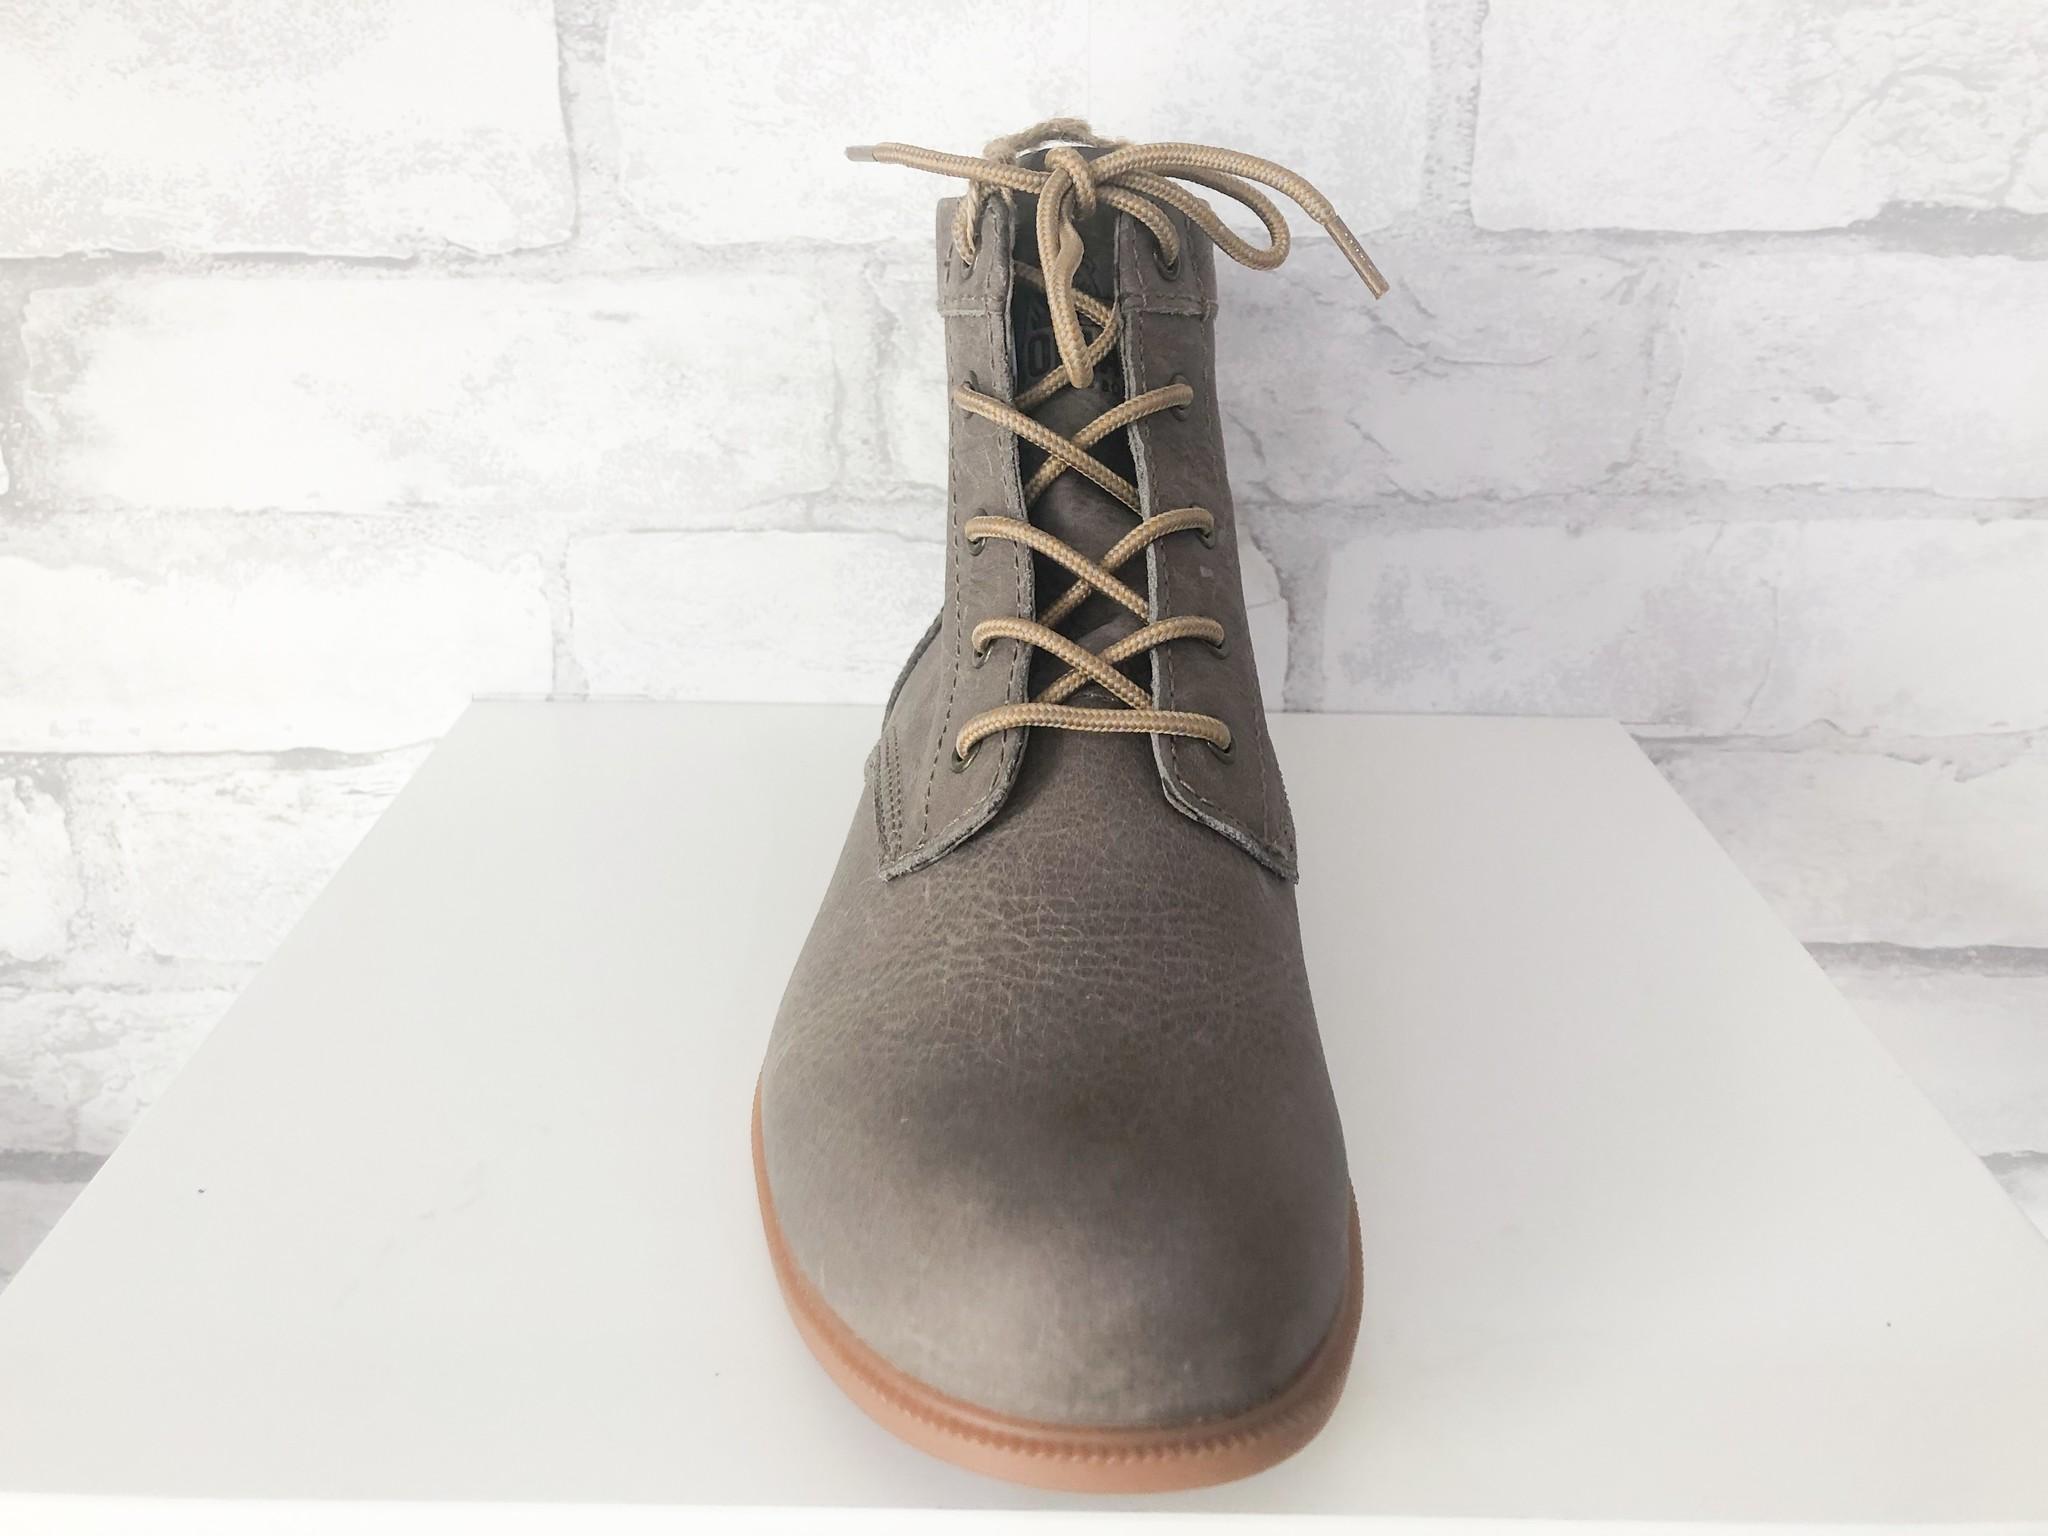 Kodiak Boots Low Rider Original Grey